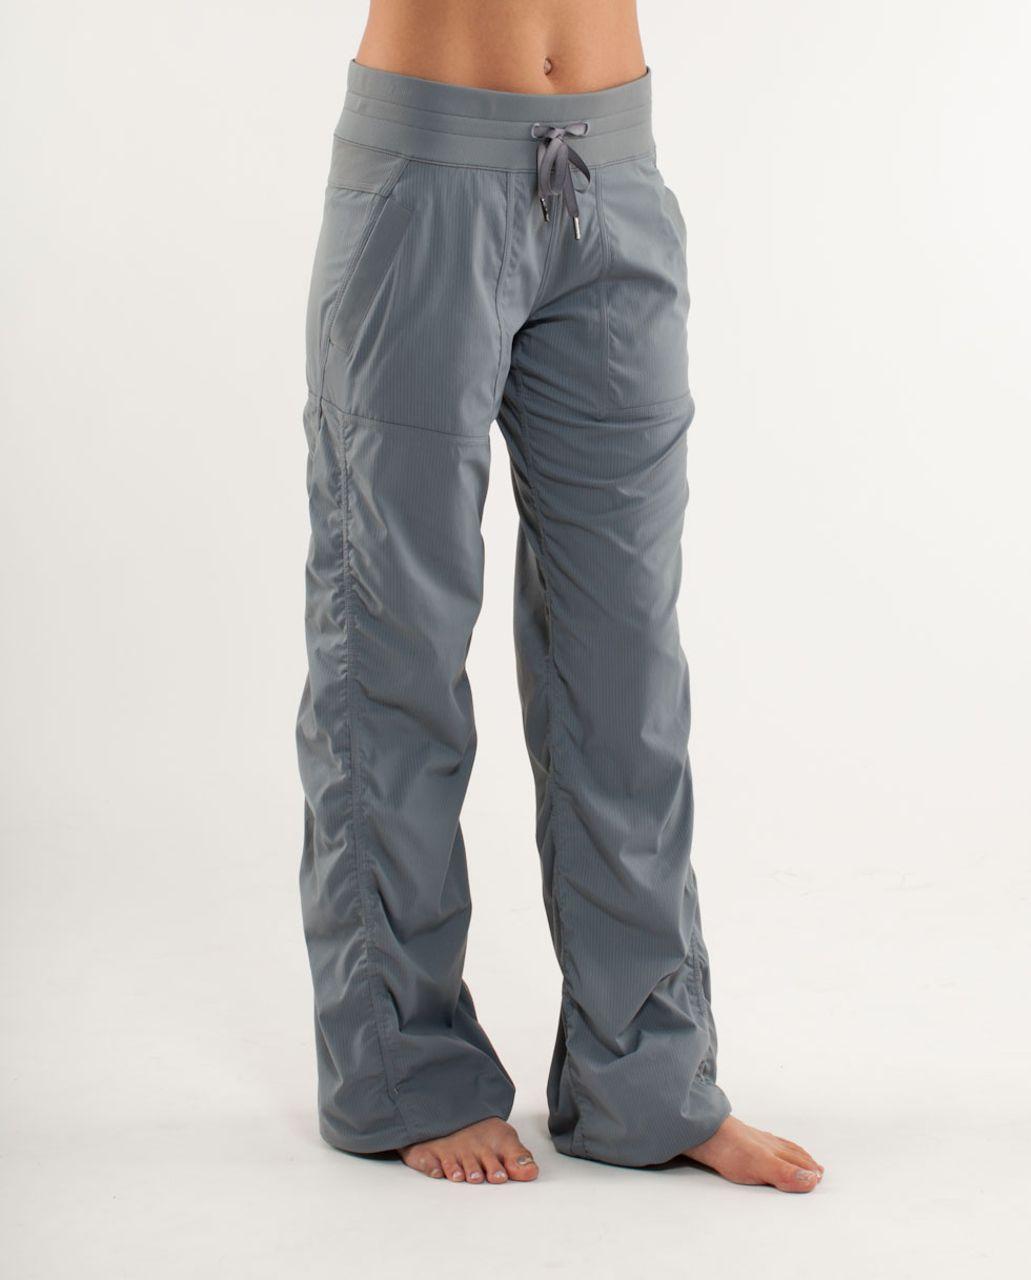 Lululemon Studio Pant II *No Liner - Blurred Grey - lulu